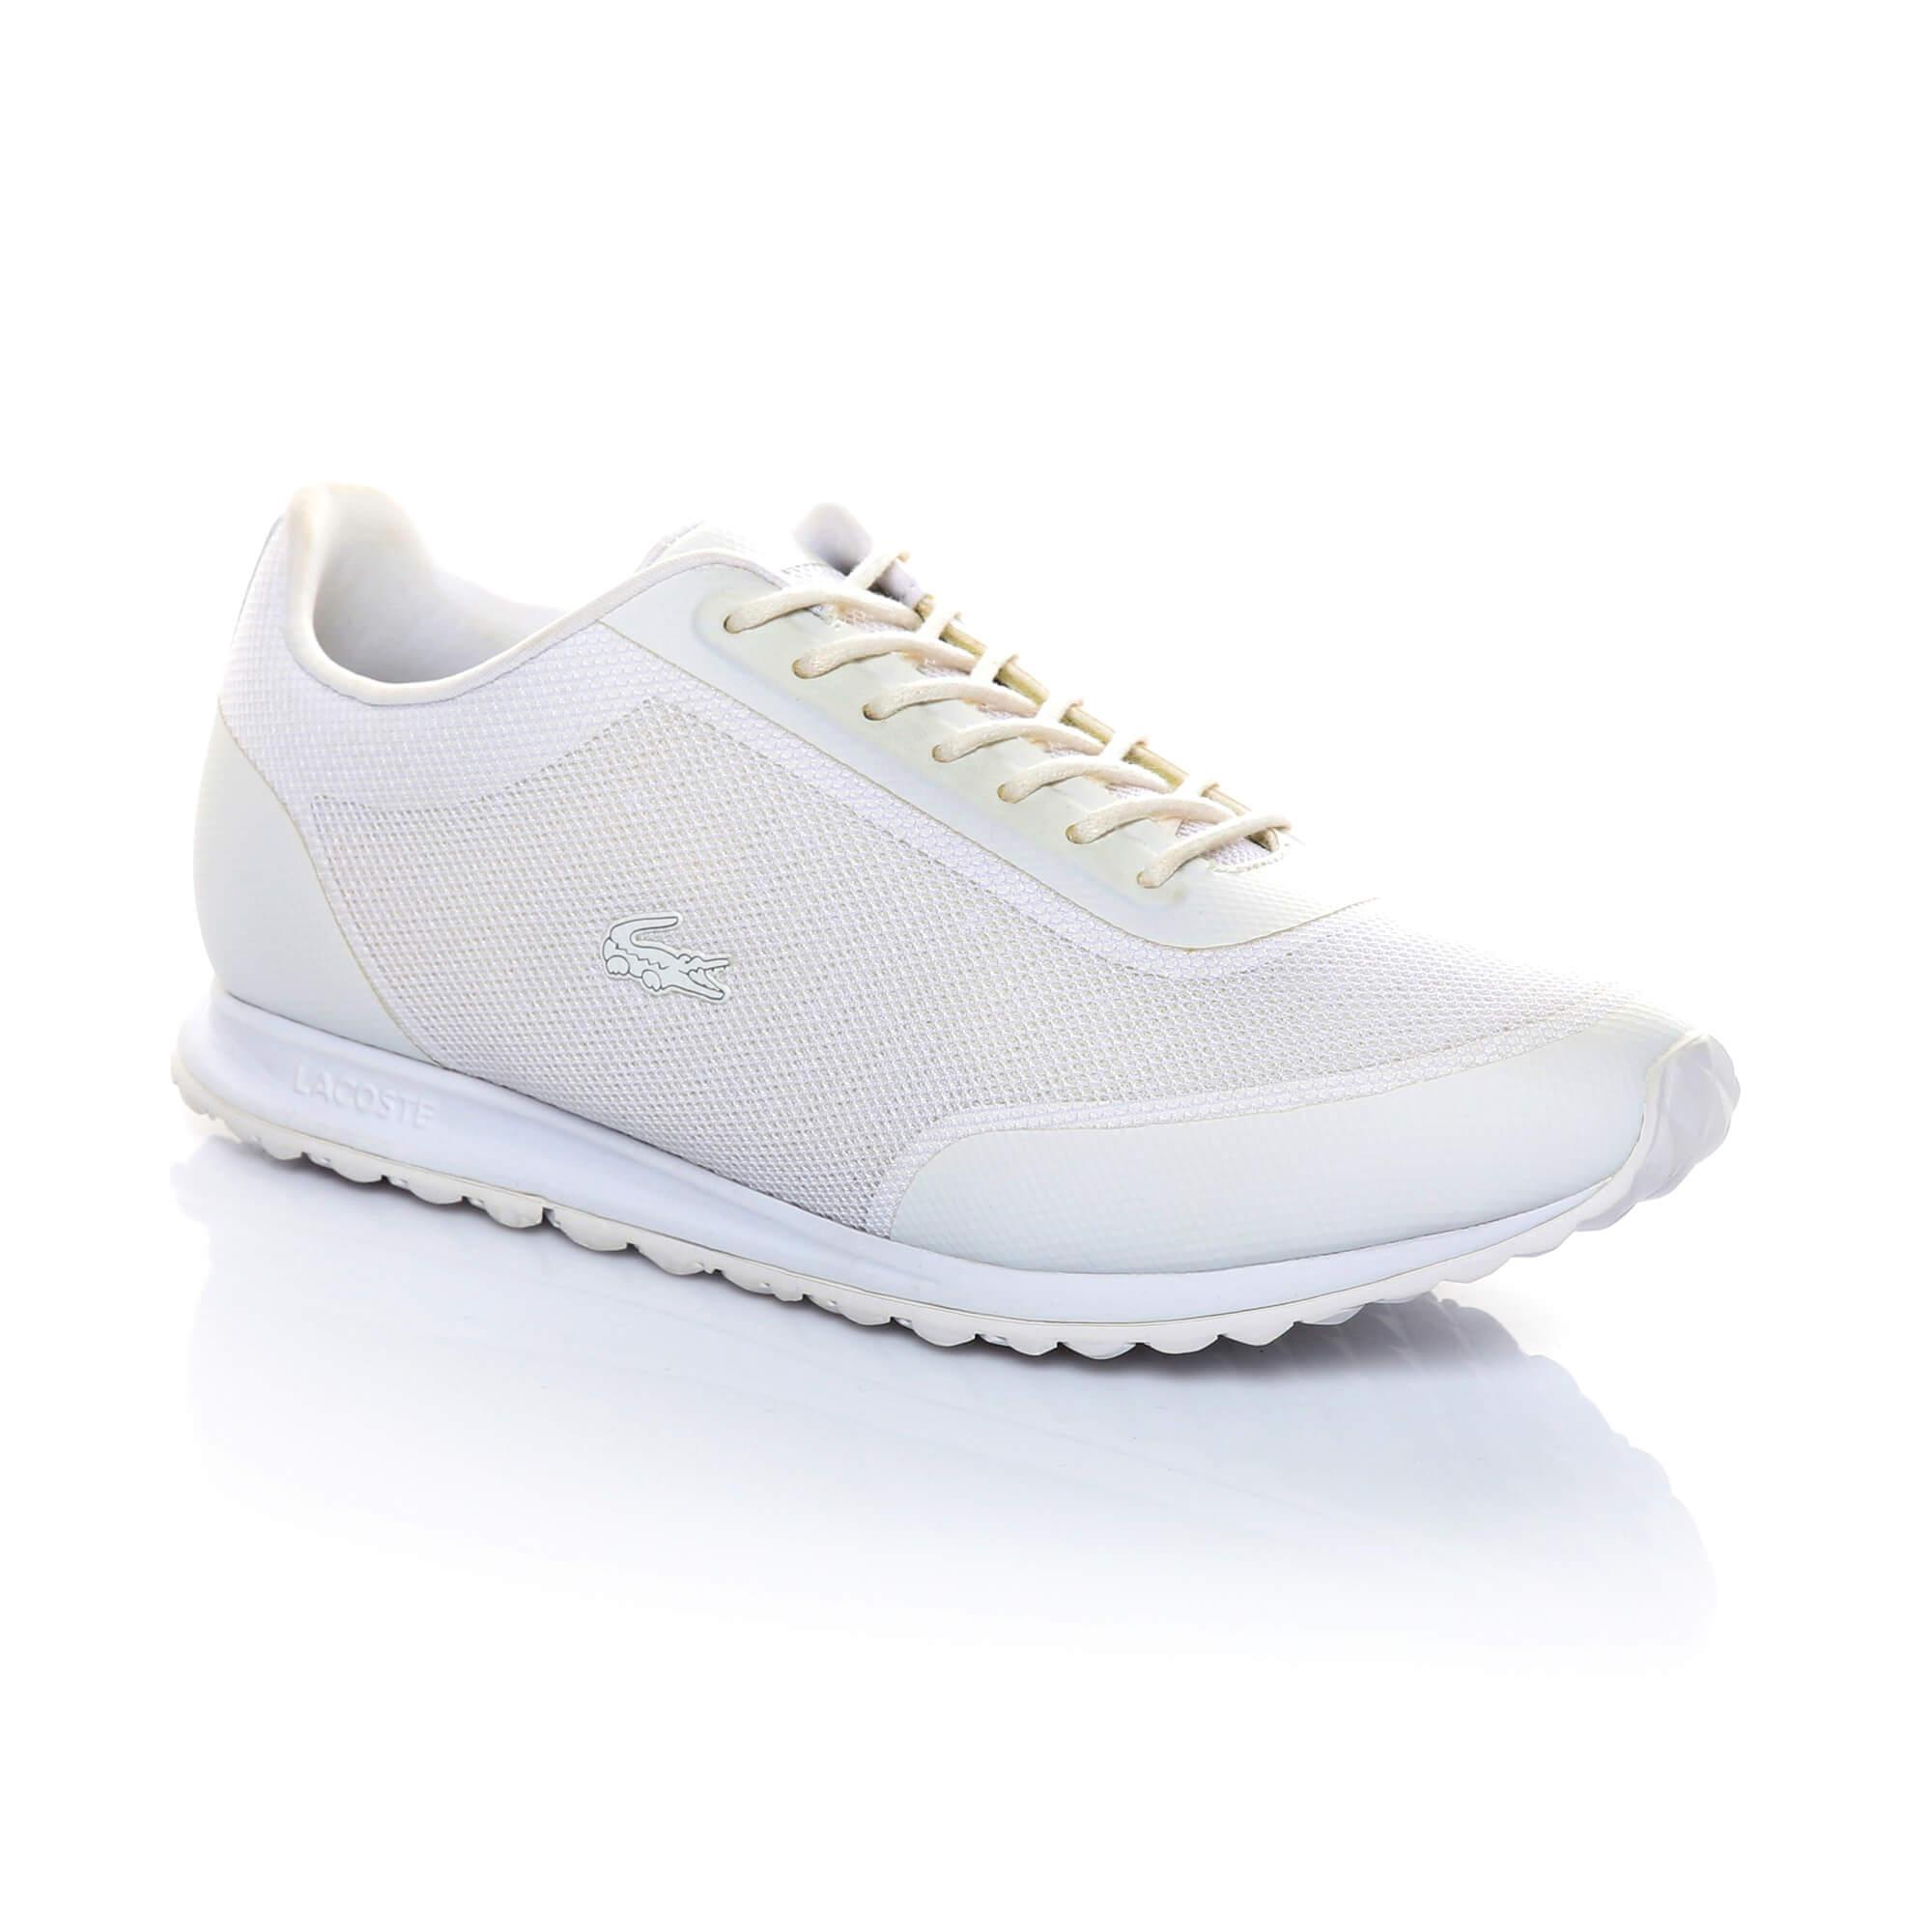 najnowsza kolekcja eleganckie buty przystojny Lacoste Buty Damskie